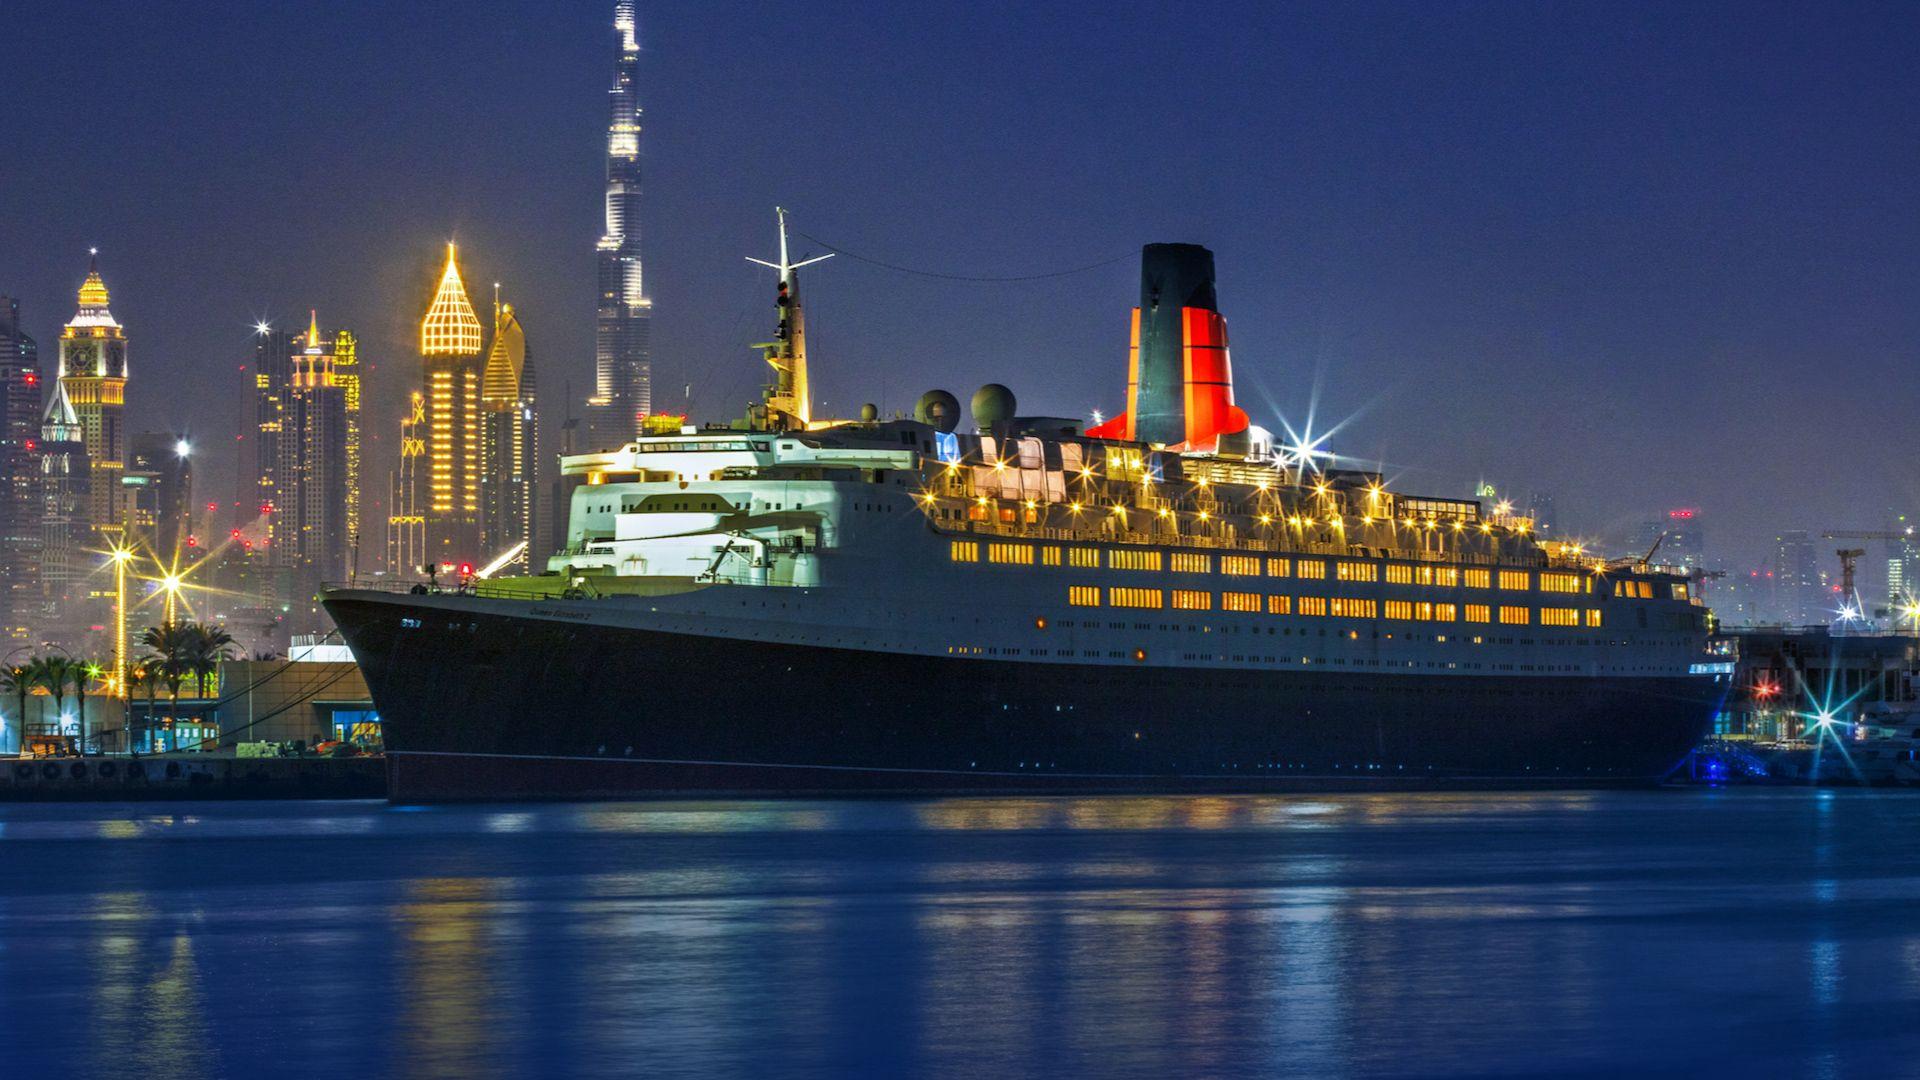 Abrió en Dubái el hotel flotante Queen Elizabeth 2